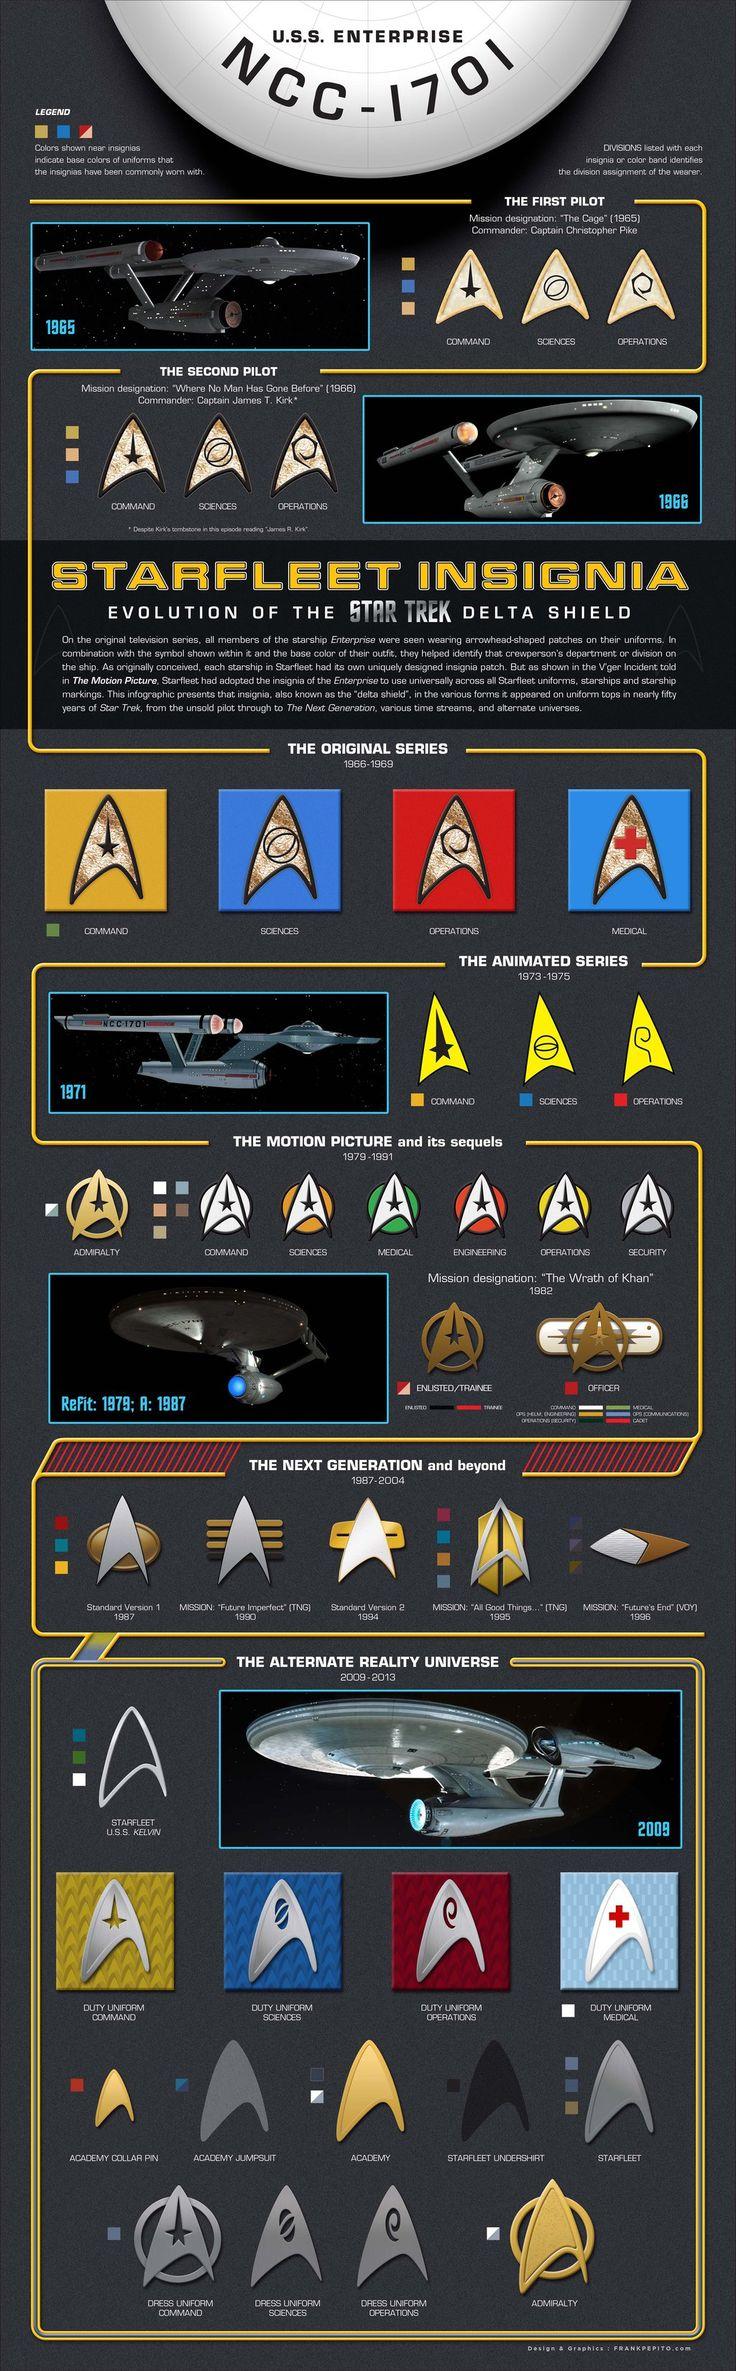 Starfleet Insignia: The Star Trek Delta Shield by YodaMaker.deviantart.com on @deviantART